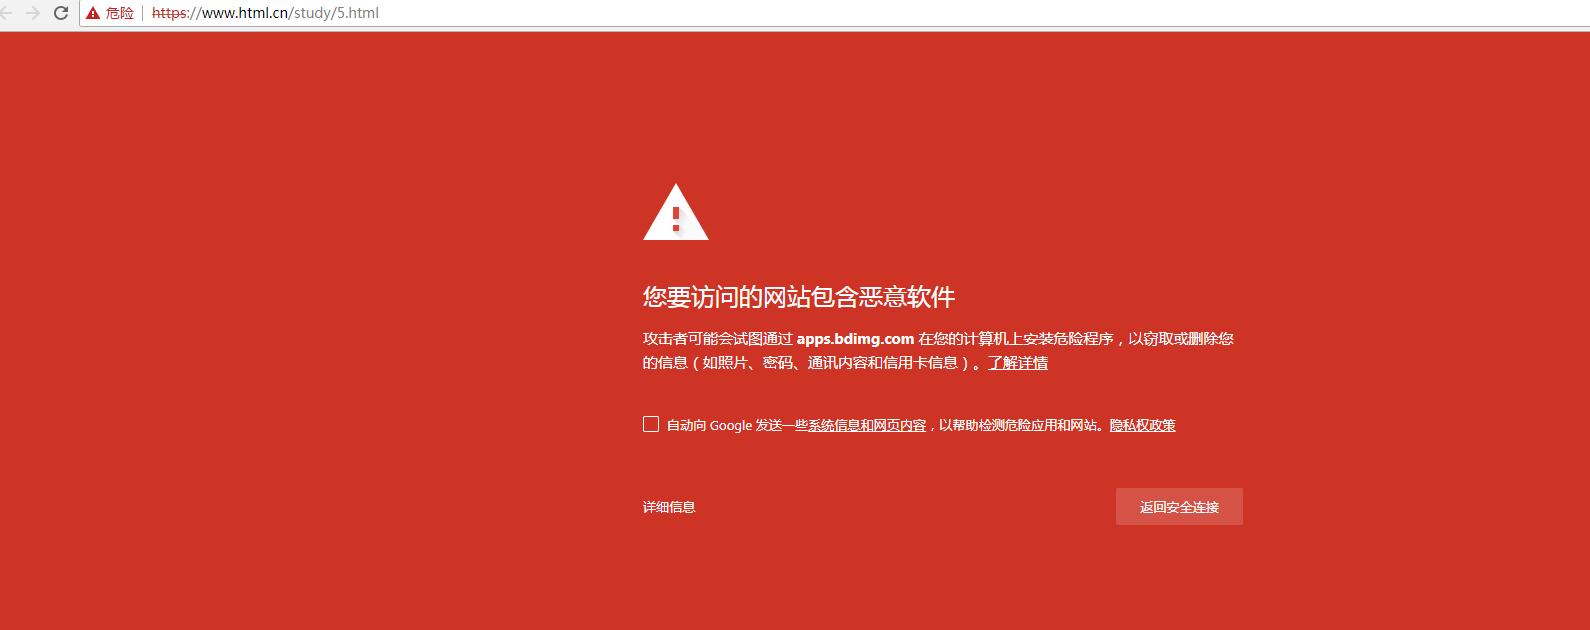 """最新""""您要访问的网站包含恶意软件"""",百度apps.bdimg.com被谷歌浏览器拦截解决方案!"""